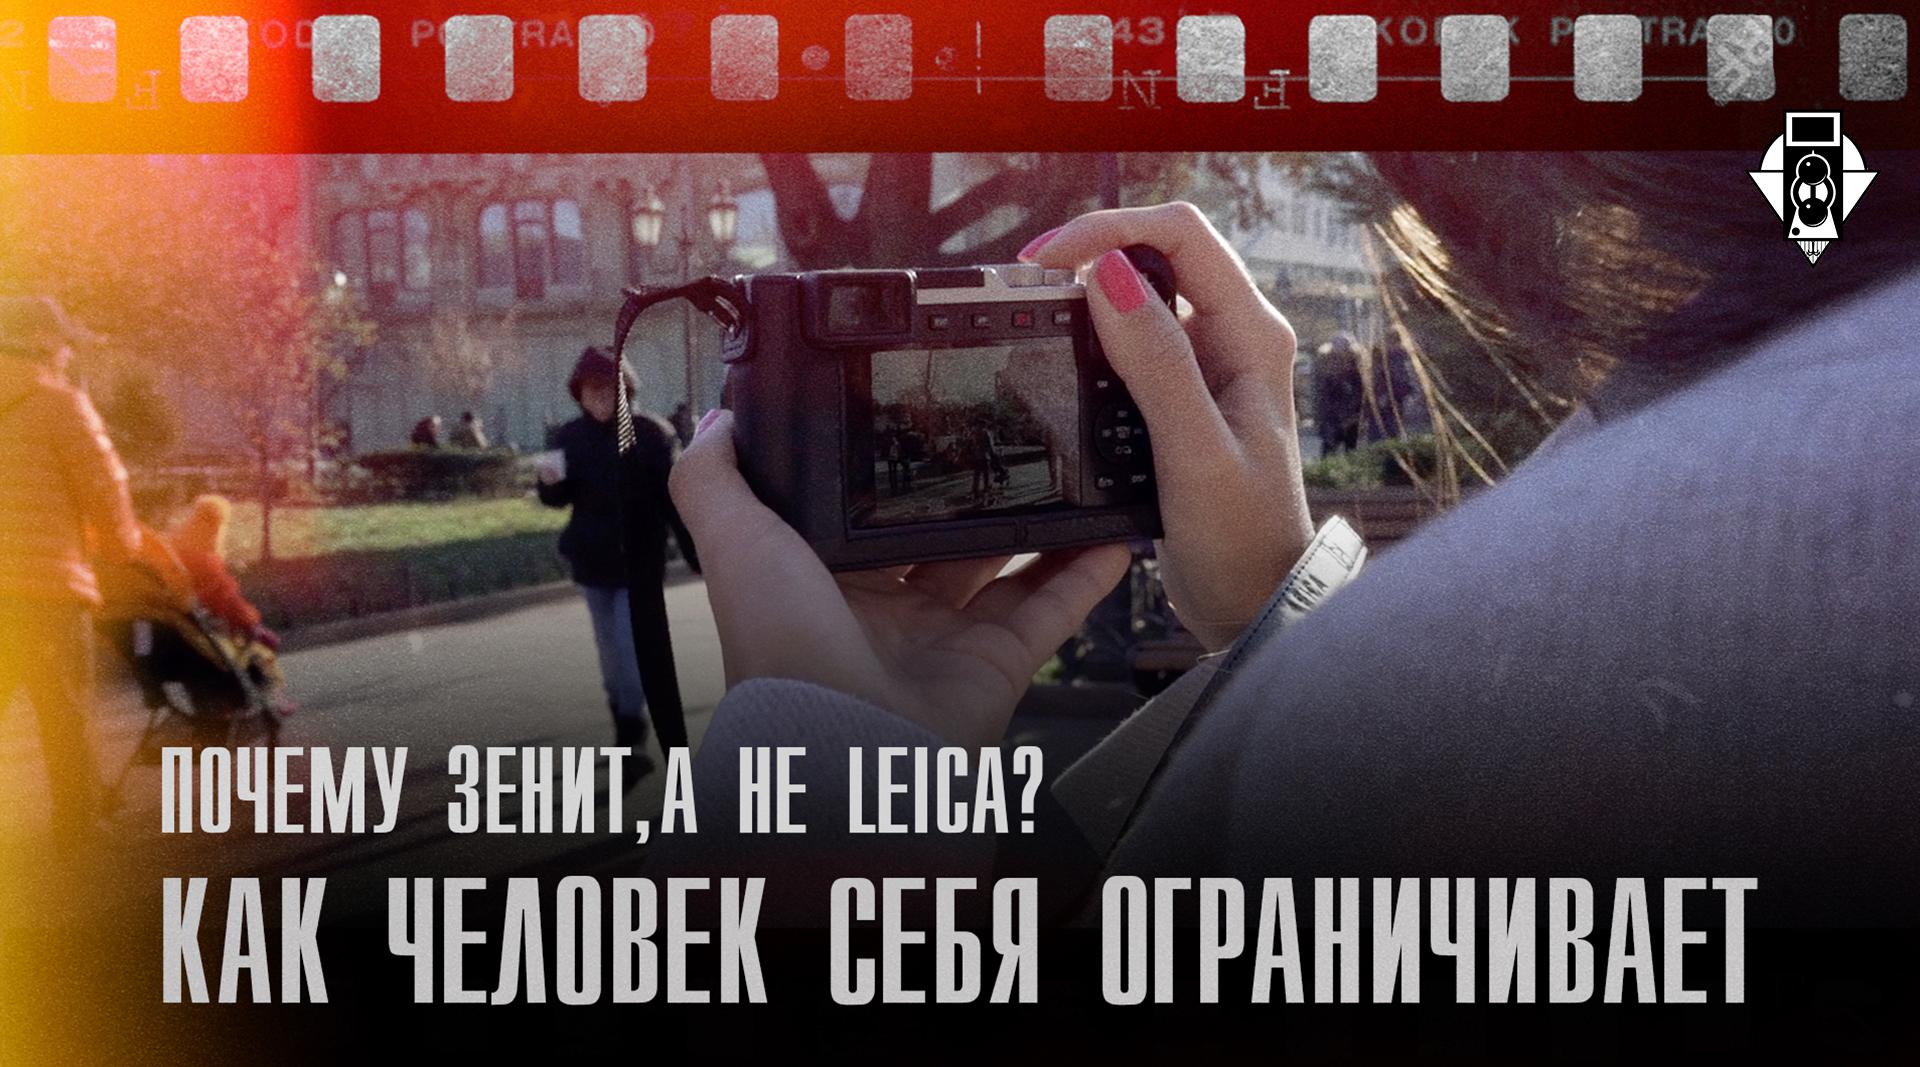 «Почему Зенит, а не Leica?» Как человек себя ограничивает